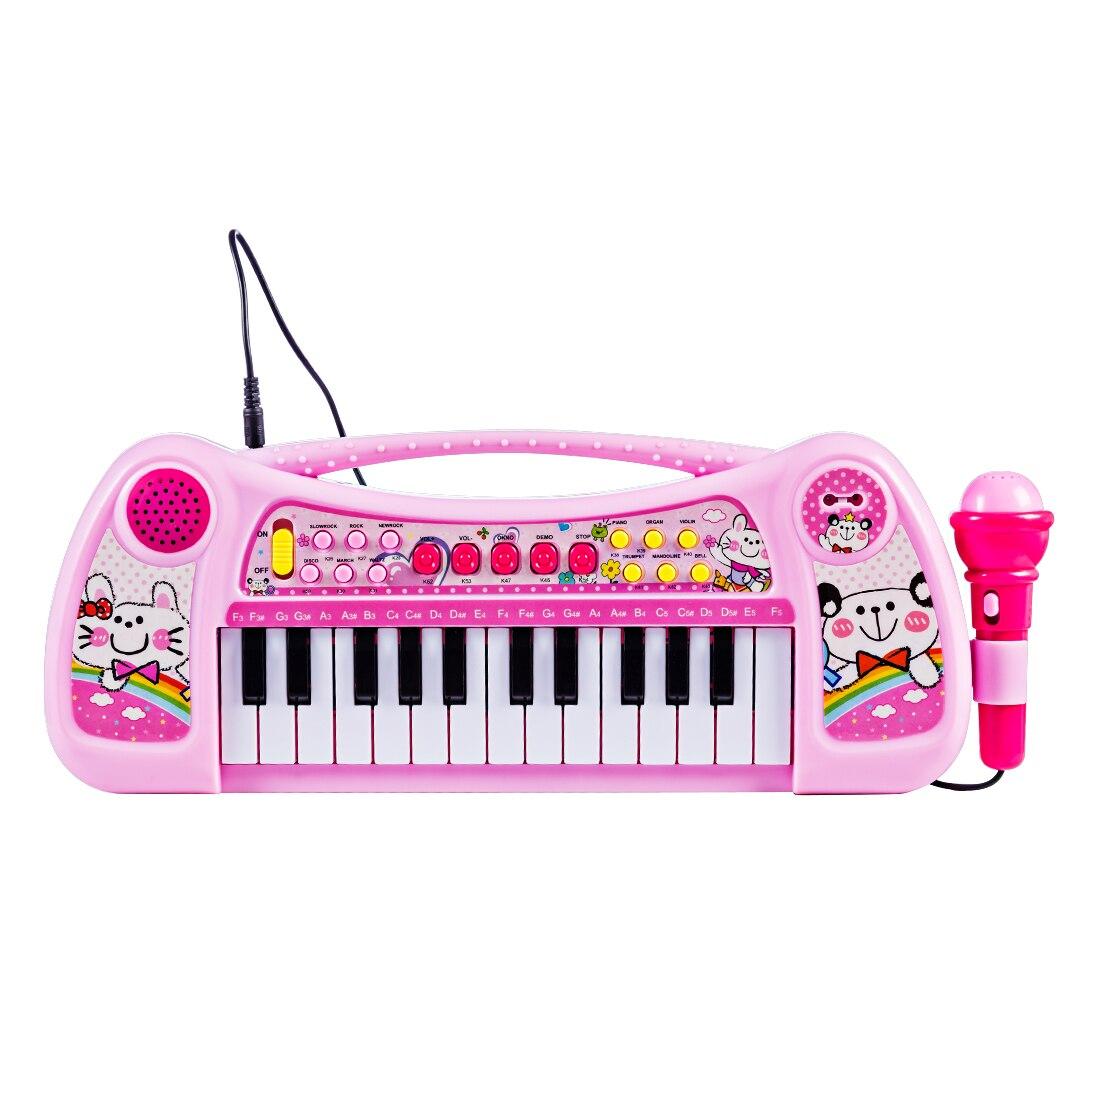 Surwish 25 teclado electrónico Piano instrumentos musicales de juguete para niños